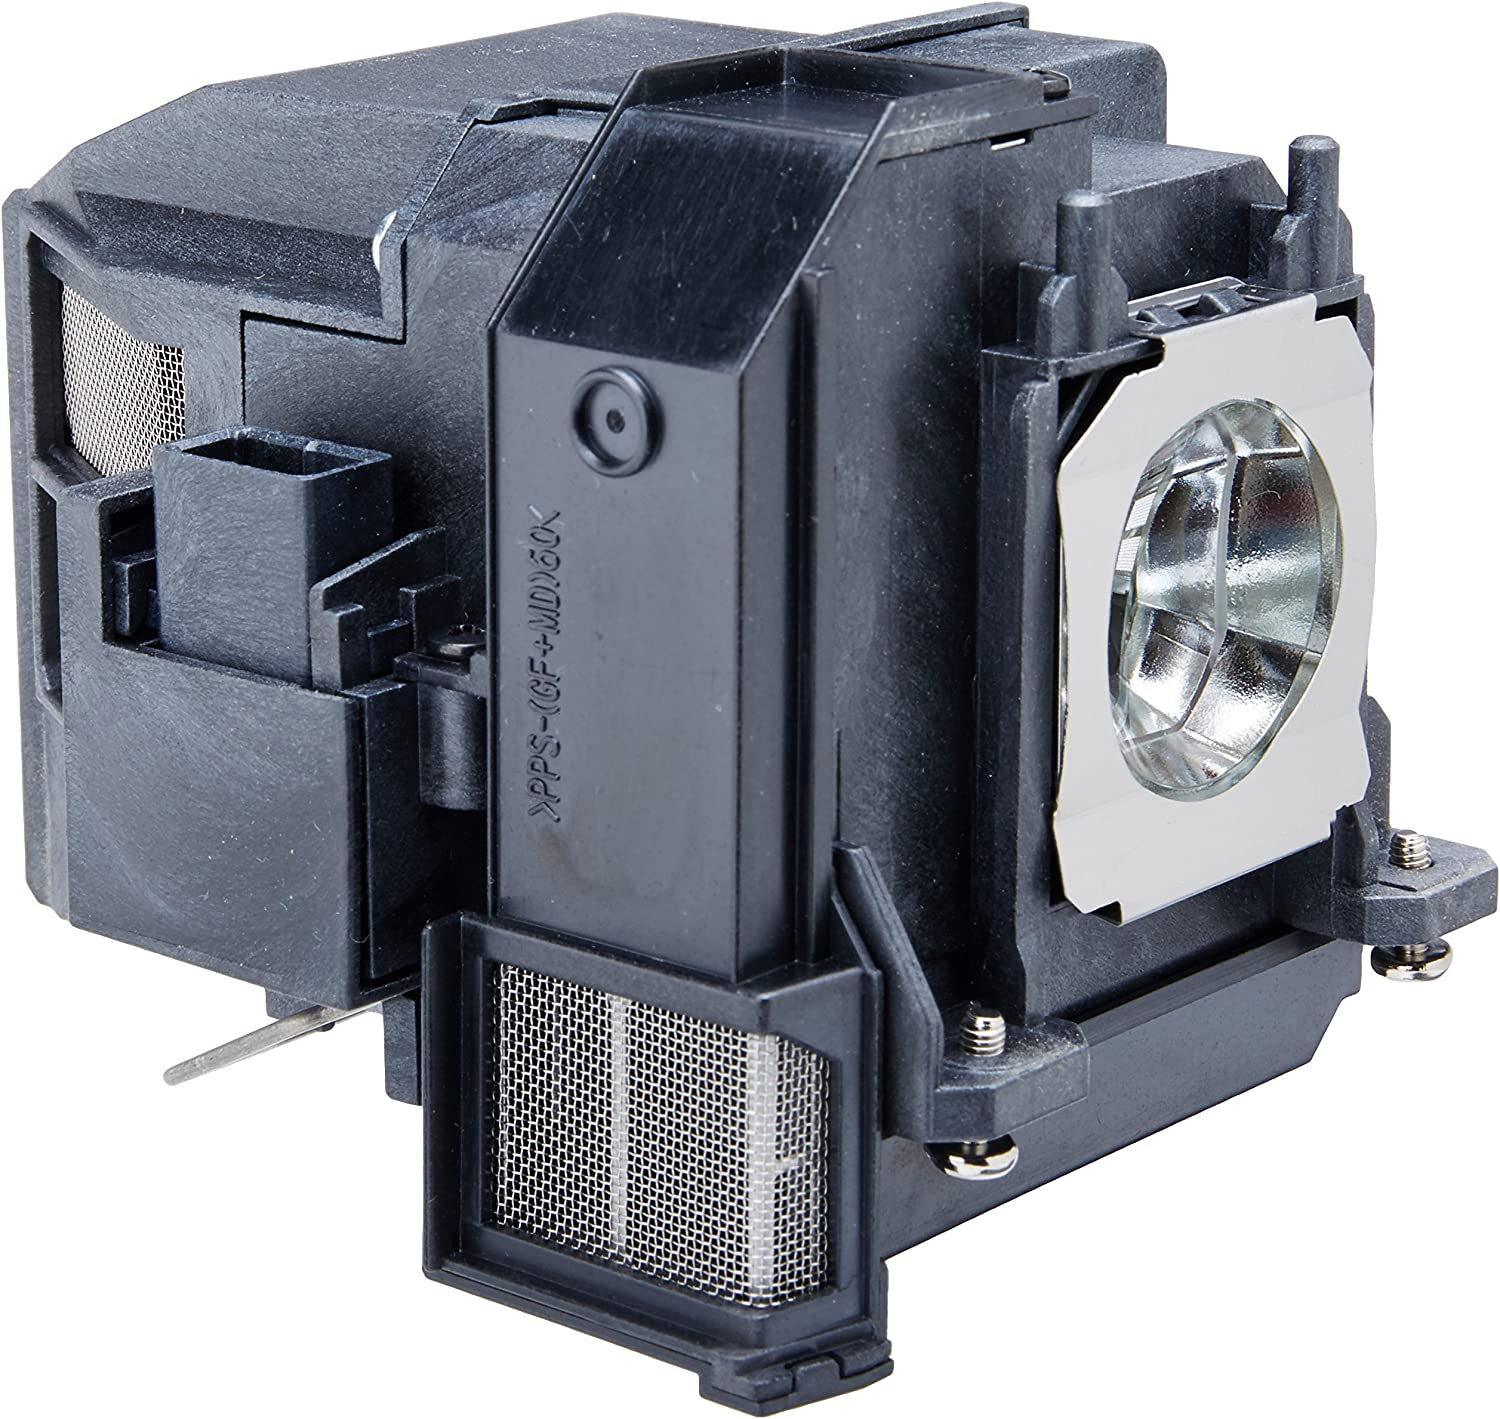 Epson V13H010L79 lámpara de proyección: Amazon.es: Electrónica